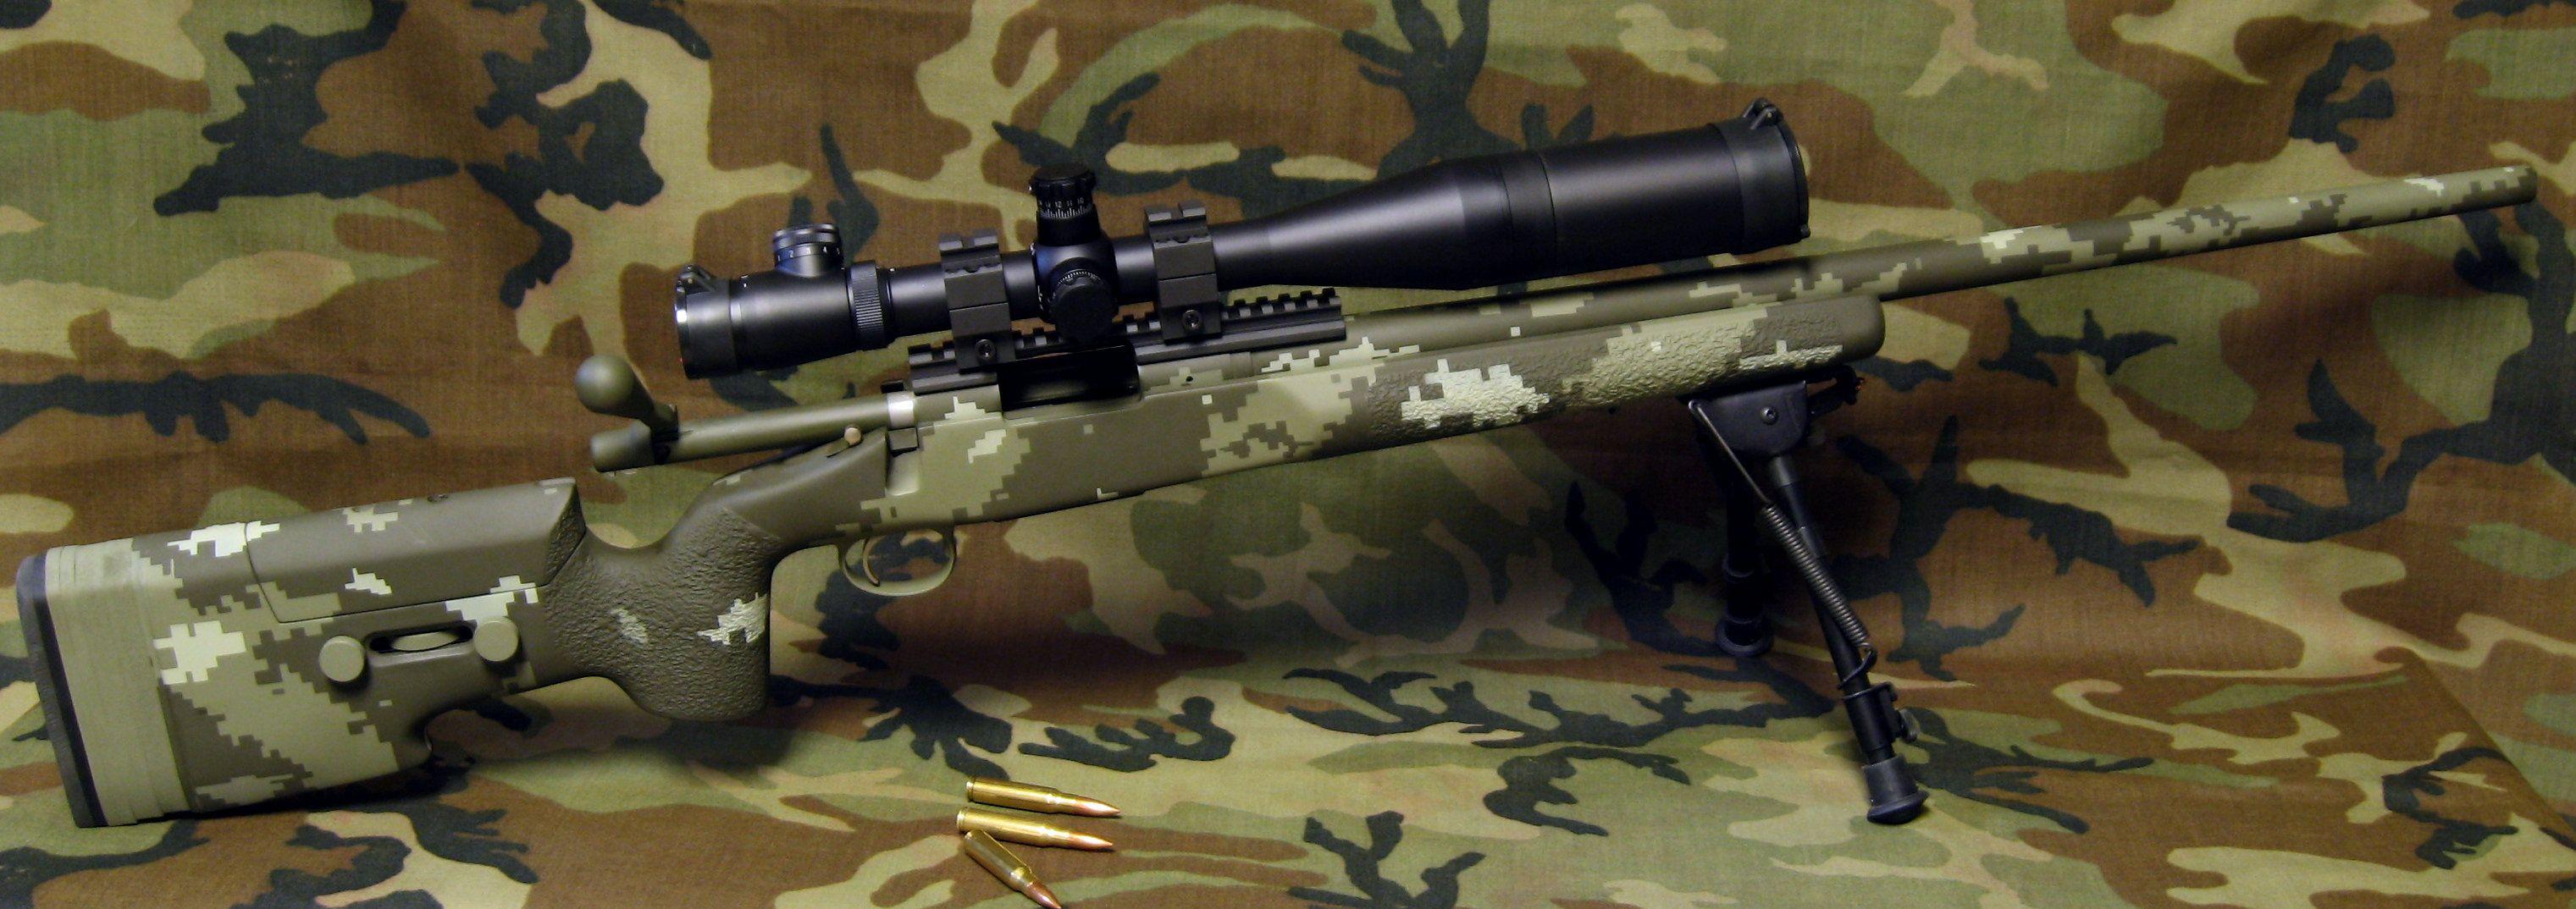 Gruning Tactical Bolt Action Rifle | Bolt Rifles | Pinterest